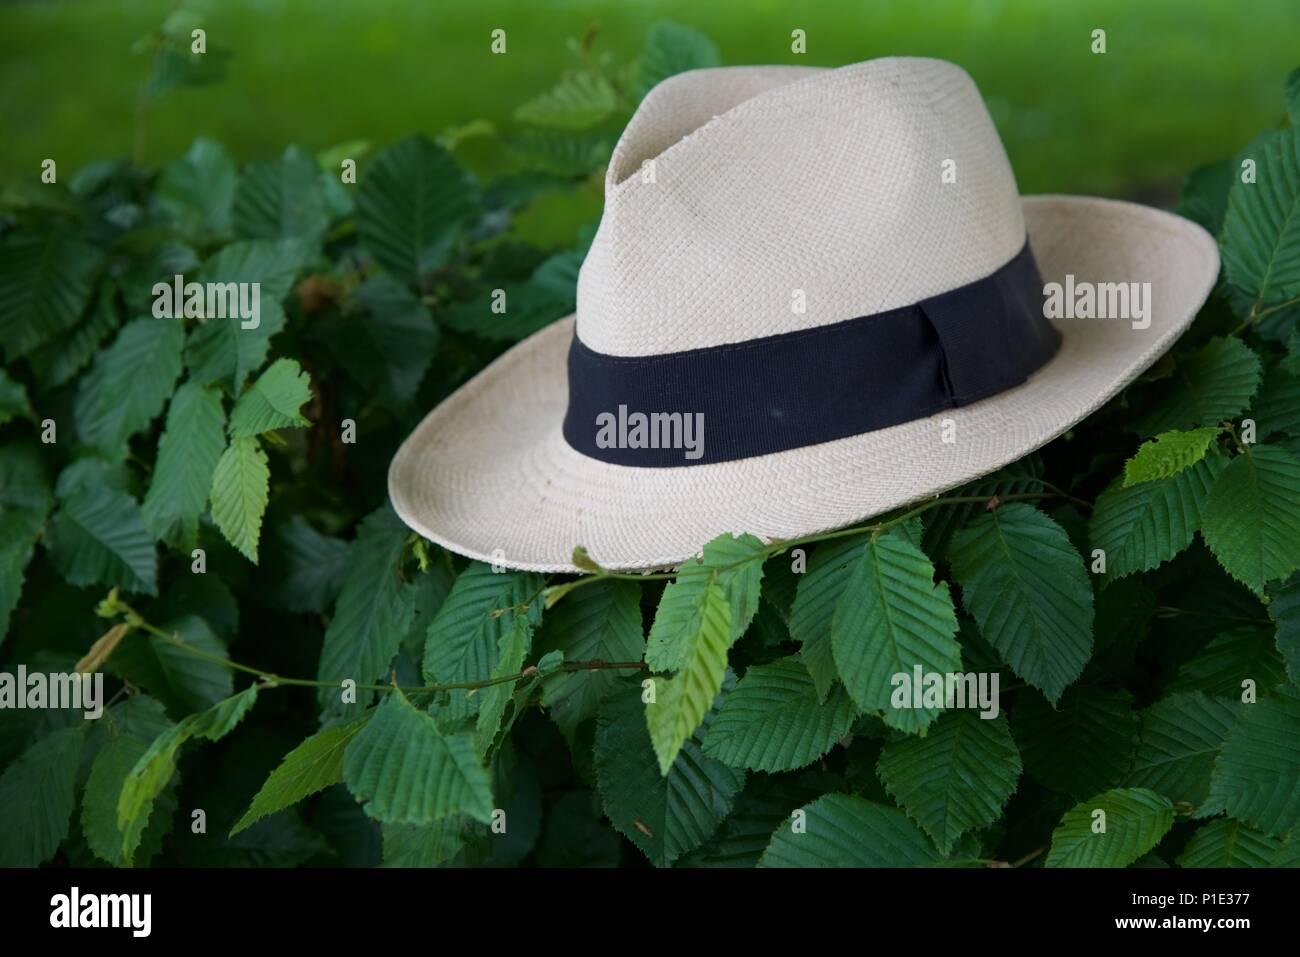 2598f0e904c5a Sombrero  un sombrero de Panamá baratos descansando sobre un seto de hayas  Imagen De Stock